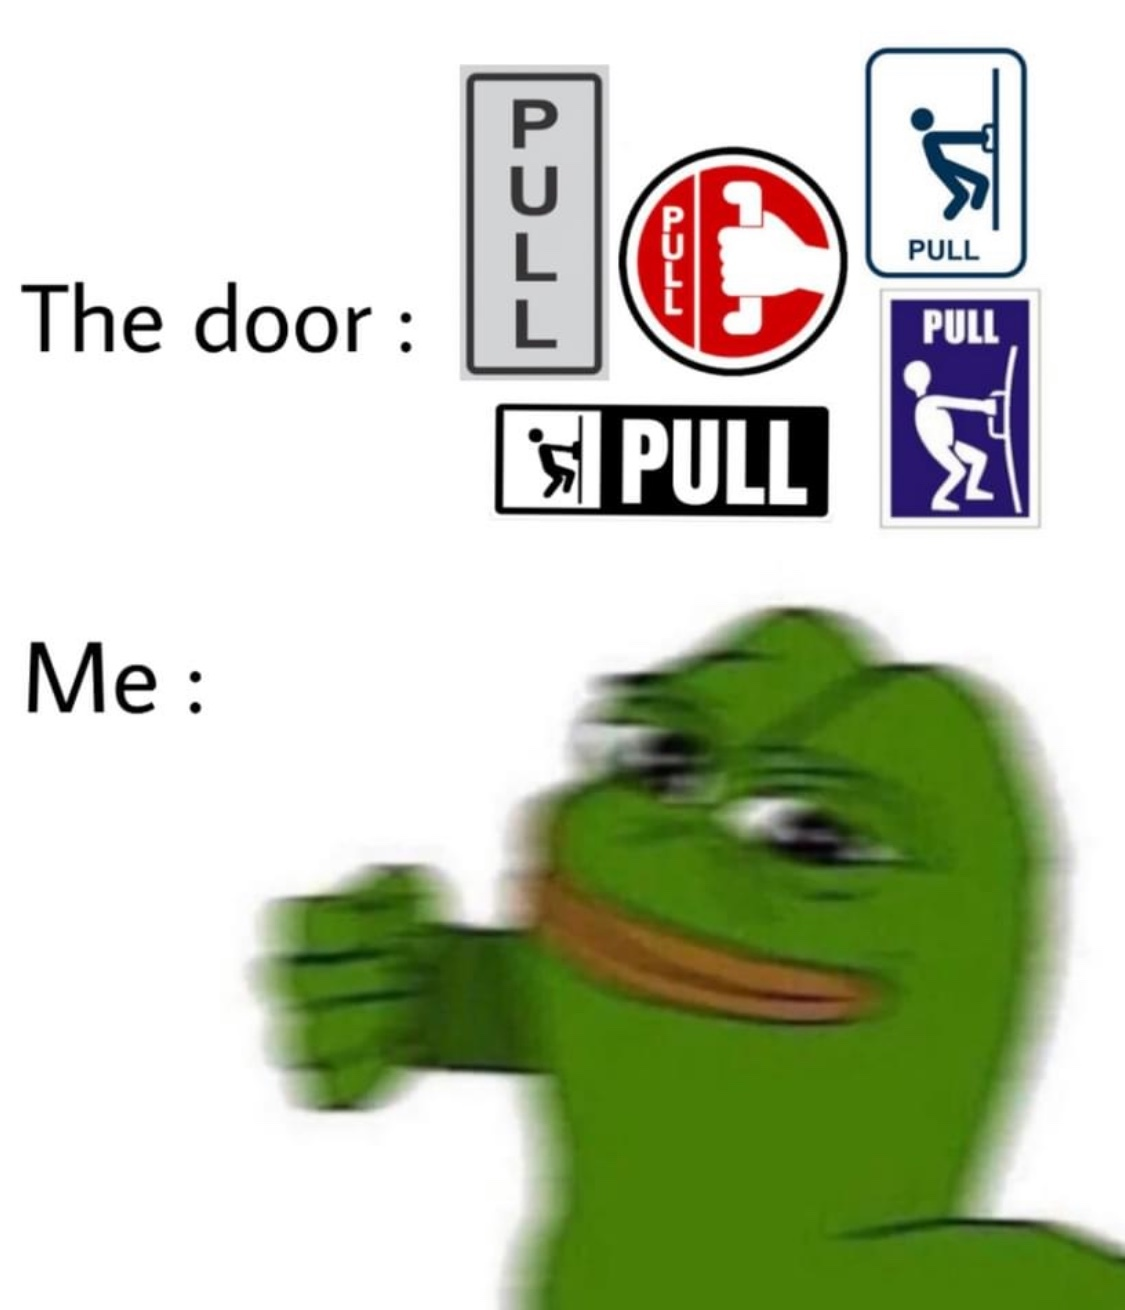 Pull - meme